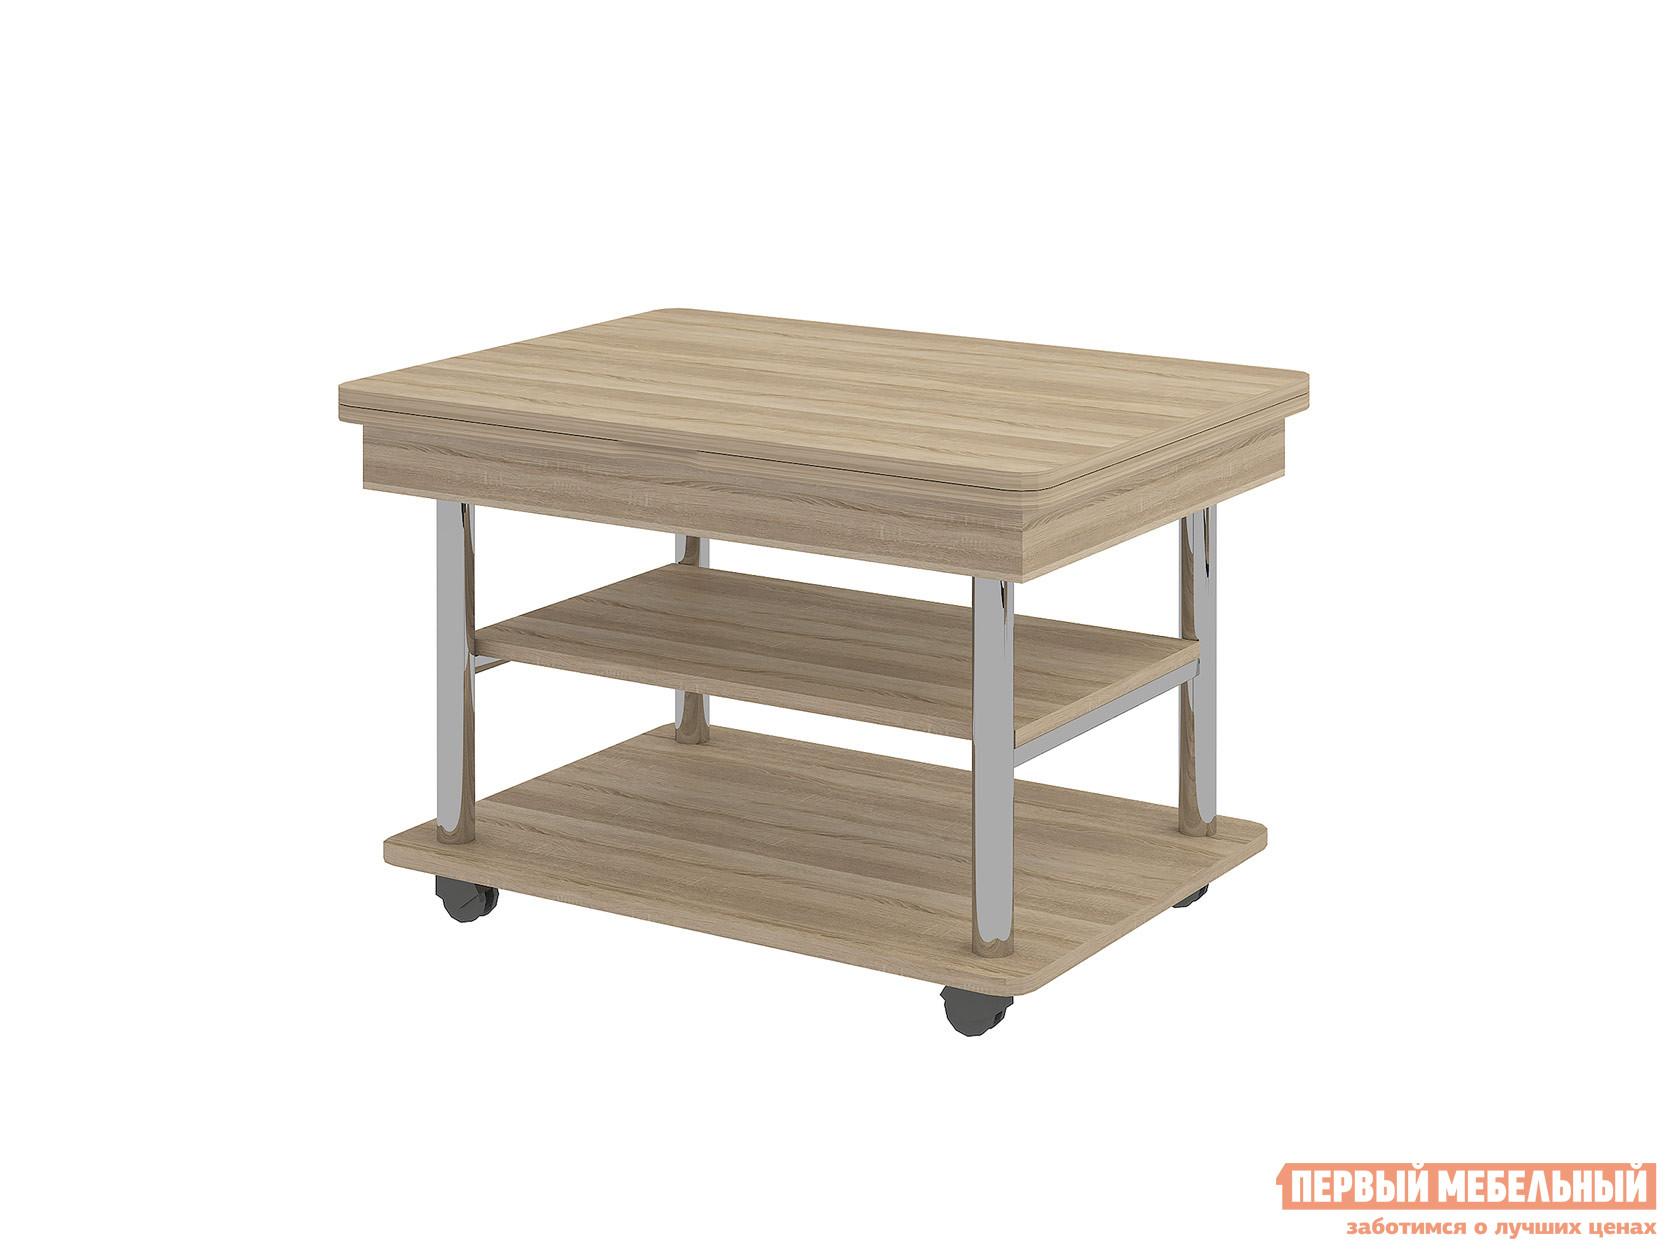 Журнальный столик Витра Агат-22.2 Дуб СономаЖурнальные столики<br>Габаритные размеры ВхШхГ 550 / 750x800 / 1200x600 / 800 мм. Необычный и очень функциональный журнальный столик станет красивым и полезным мебельным изделием в доме.  Модель трансформируется в полноценный обеденный стол.  Благодаря поршневому механизму высота ножек увеличивается, а поворотный механизм столешницы делает ее размер вдвое больше.  Для мобильности столик оснащен колесиками.  Он станет удобным решением для небольших помещений. Стол имеет несколько модификаций:В собранном виде (ВхШхГ): 550 х 800 х 600 мм; В разложенном виде (ВхШхГ): 550 х 1200 х 800 мм;В разложенным и поднятом виде (ВхШхГ): 750 х 1200 х 800 мм;В собранном и поднятом виде (ВхШхГ): 750 х 800 х 600 мм. Изделие изготовлено из ЛДСП толщиной 16 и 22 мм, края отделаны кантом ПВХ толщиной 0,4 и 2 мм.  Диаметр металлических опор: внешний — 38 мм, внутренний — 25 мм, опоры имеют глянцевое покрытие. Обратите внимание! Для получения гарантийного обслуживания мебели фабрики «Витра» необходимо обязательно сохранять гарантийный талон и сборочный чертеж до окончания гарантийного срока на приобретенную мебель (срок указан в гарантийном талоне).<br><br>Цвет: Дуб Сонома<br>Цвет: Светлое дерево<br>Высота мм: 550 / 750<br>Ширина мм: 800 / 1200<br>Глубина мм: 600 / 800<br>Кол-во упаковок: 2<br>Форма поставки: В разобранном виде<br>Срок гарантии: 5 лет<br>Тип: Трансформер, Чайные<br>Назначение: Для гостиной<br>Материал: из ЛДСП<br>Форма: Прямоугольные<br>Размер: Маленькие<br>Высота: Высокие<br>Особенности: С полкой, На колесиках, С металлическими ножками<br>Стиль: Классический